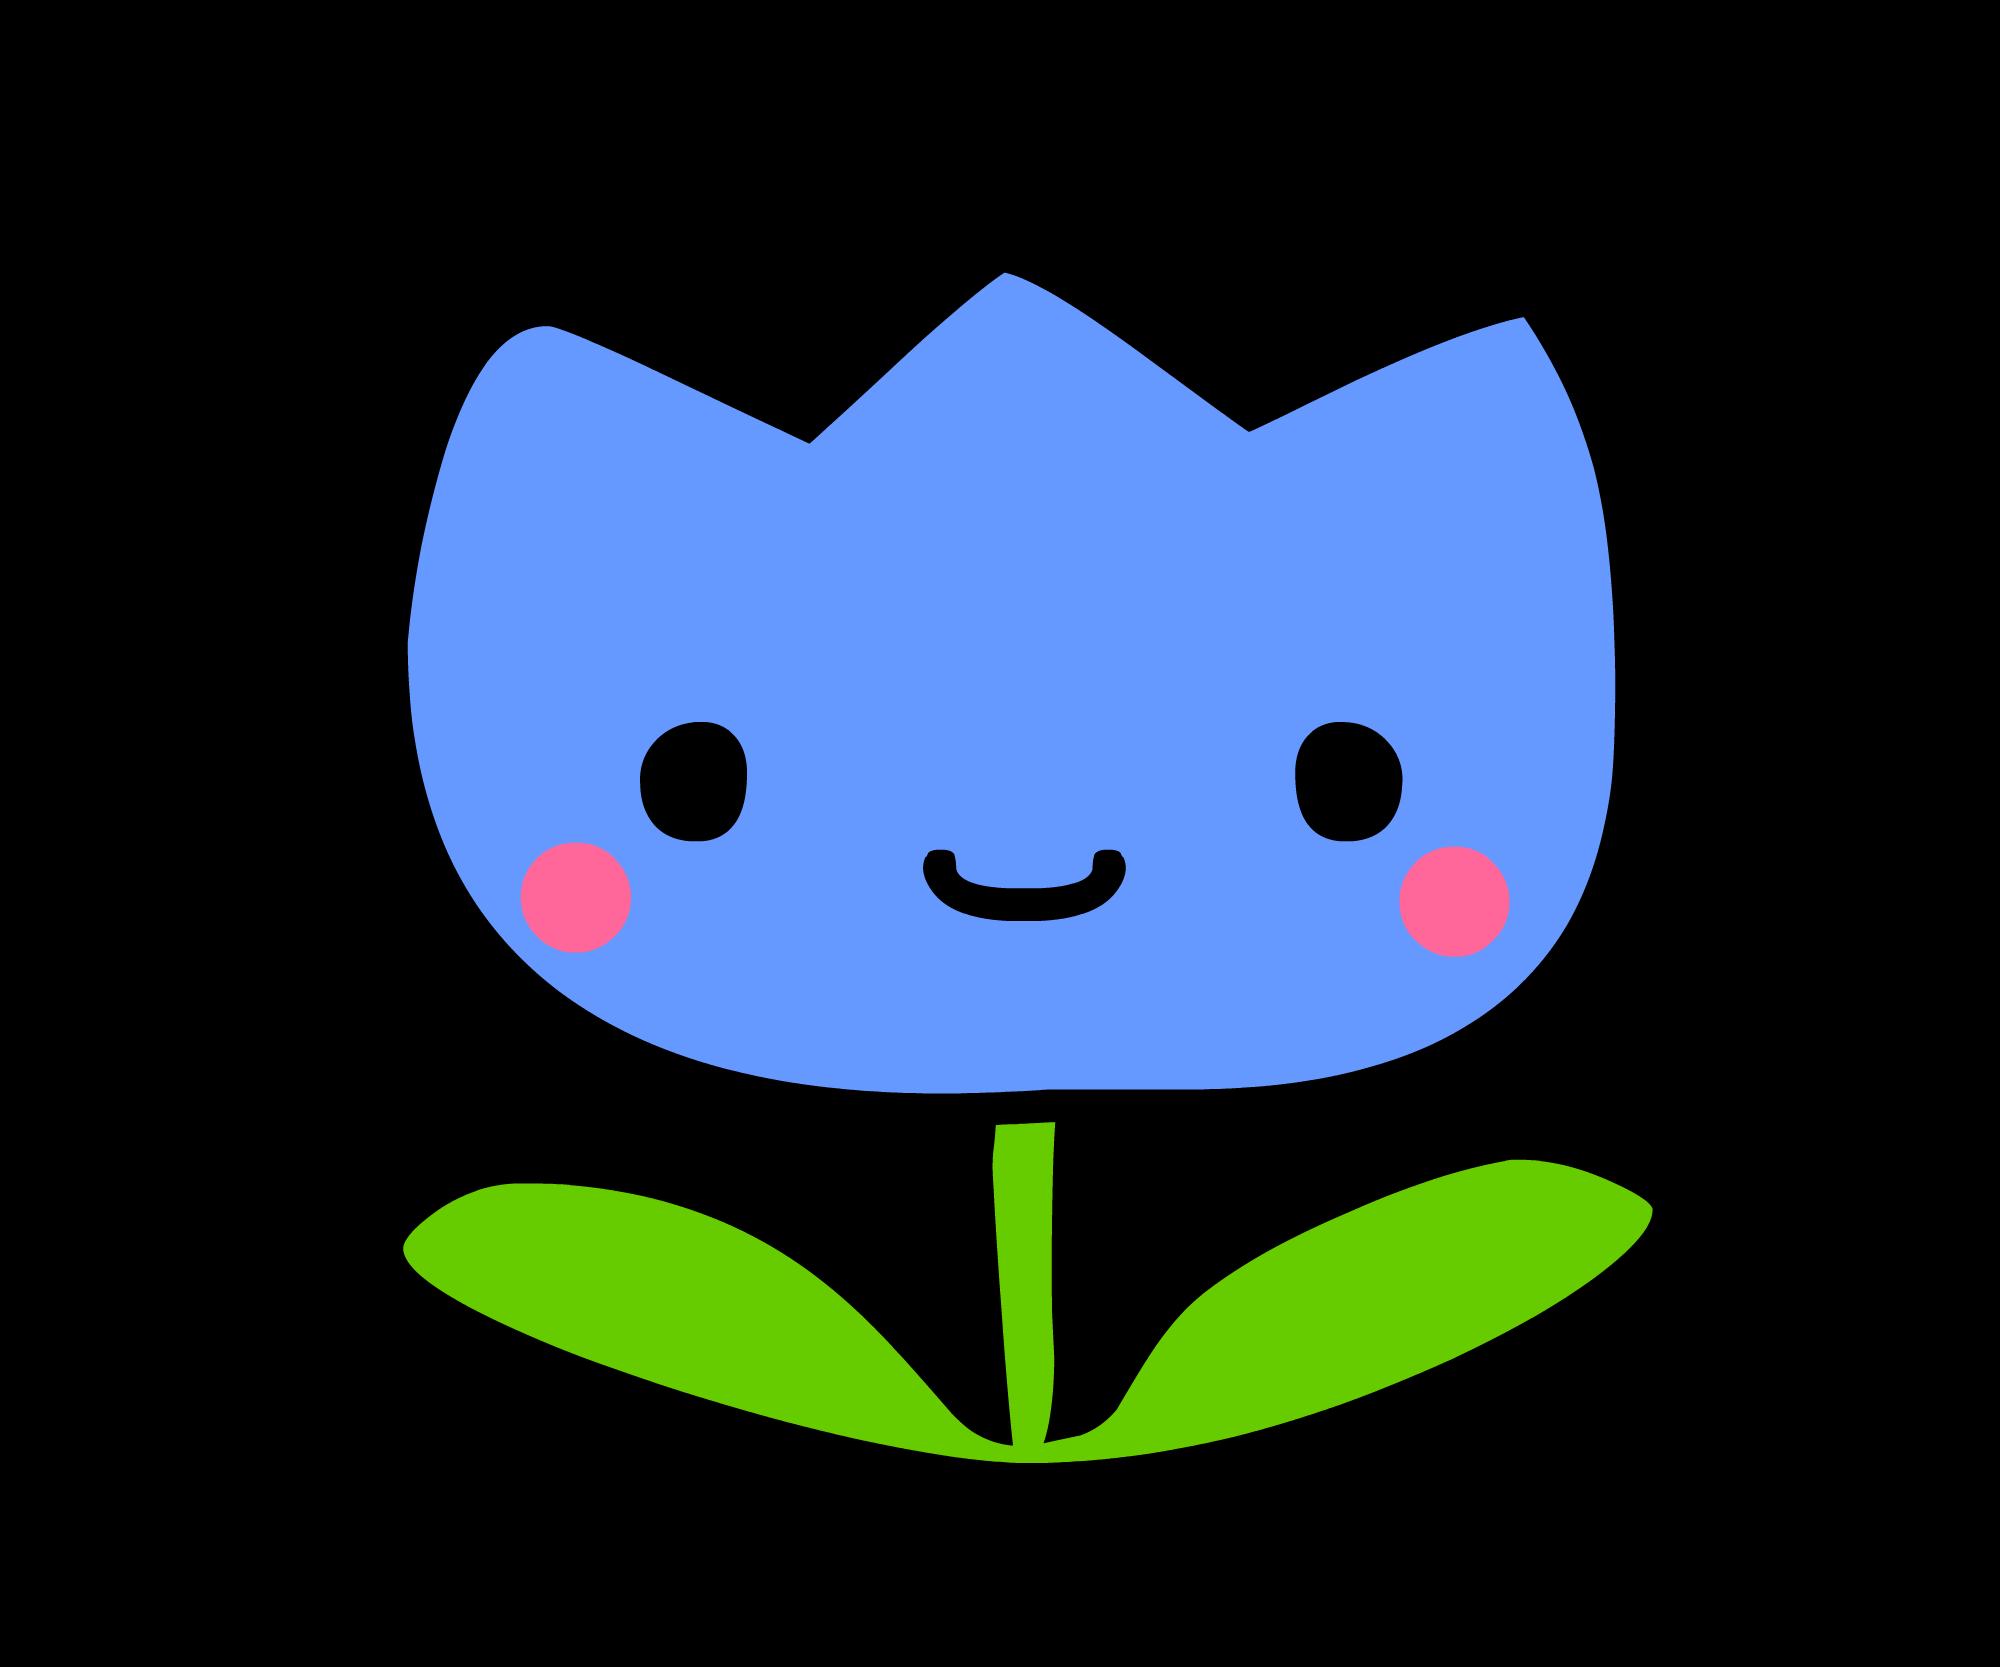 Tulip_blue